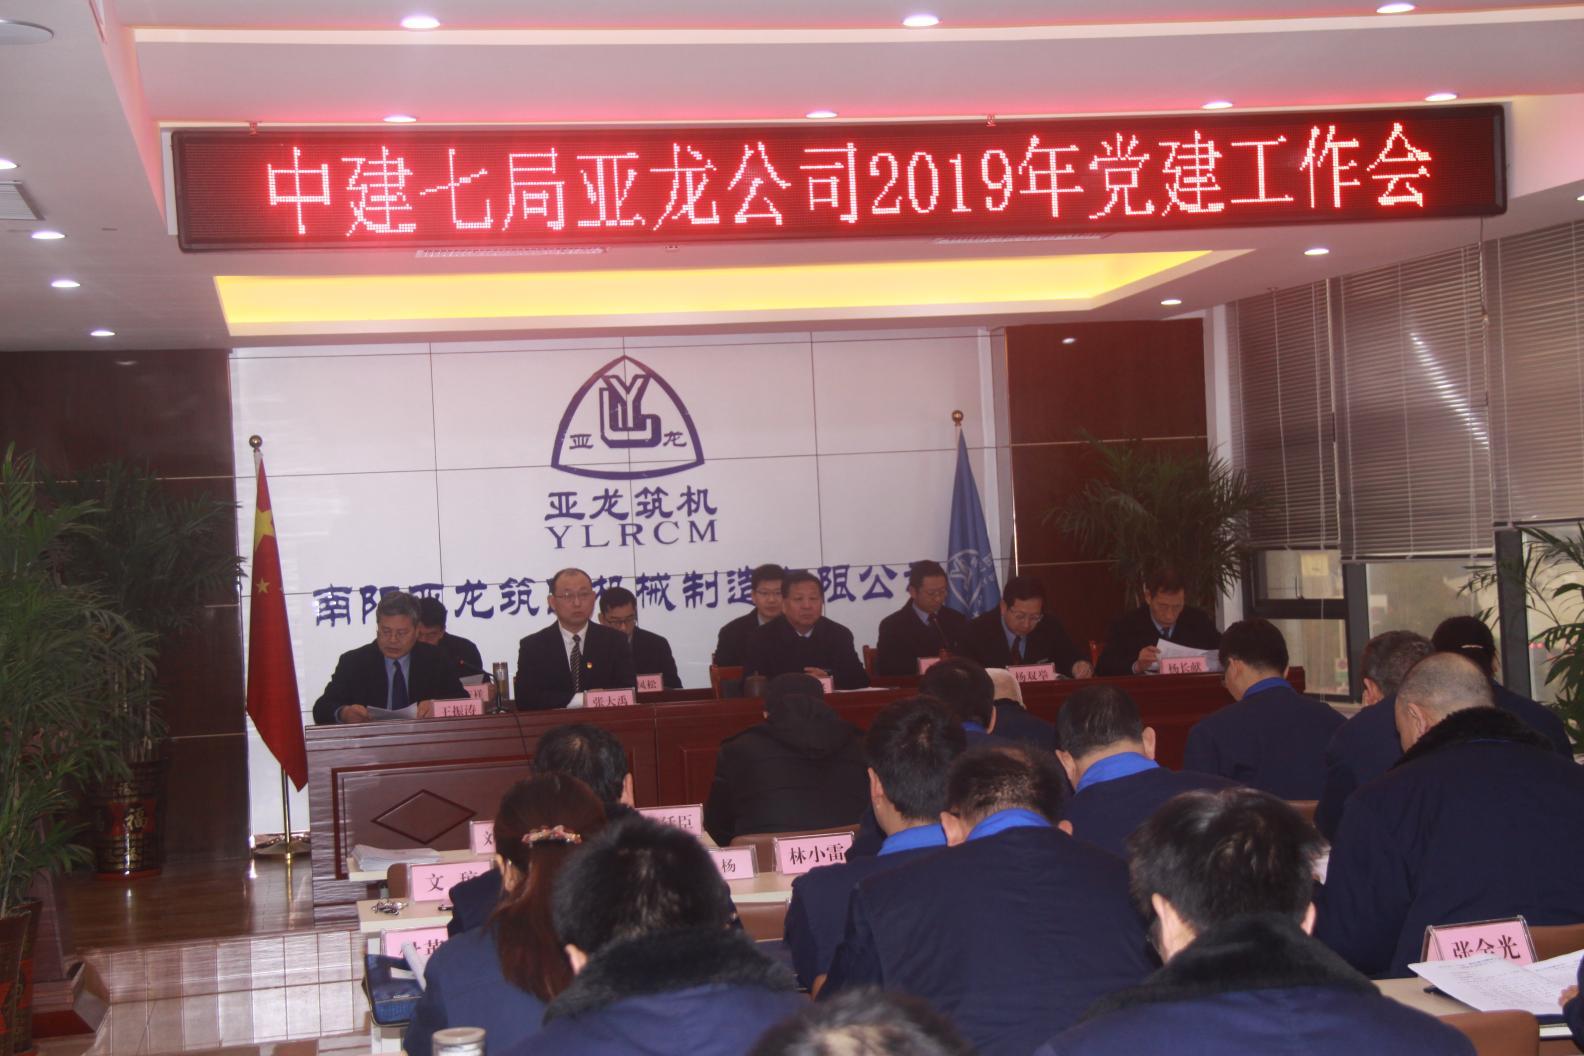 亞龍公司召開2019年黨的建設工作會